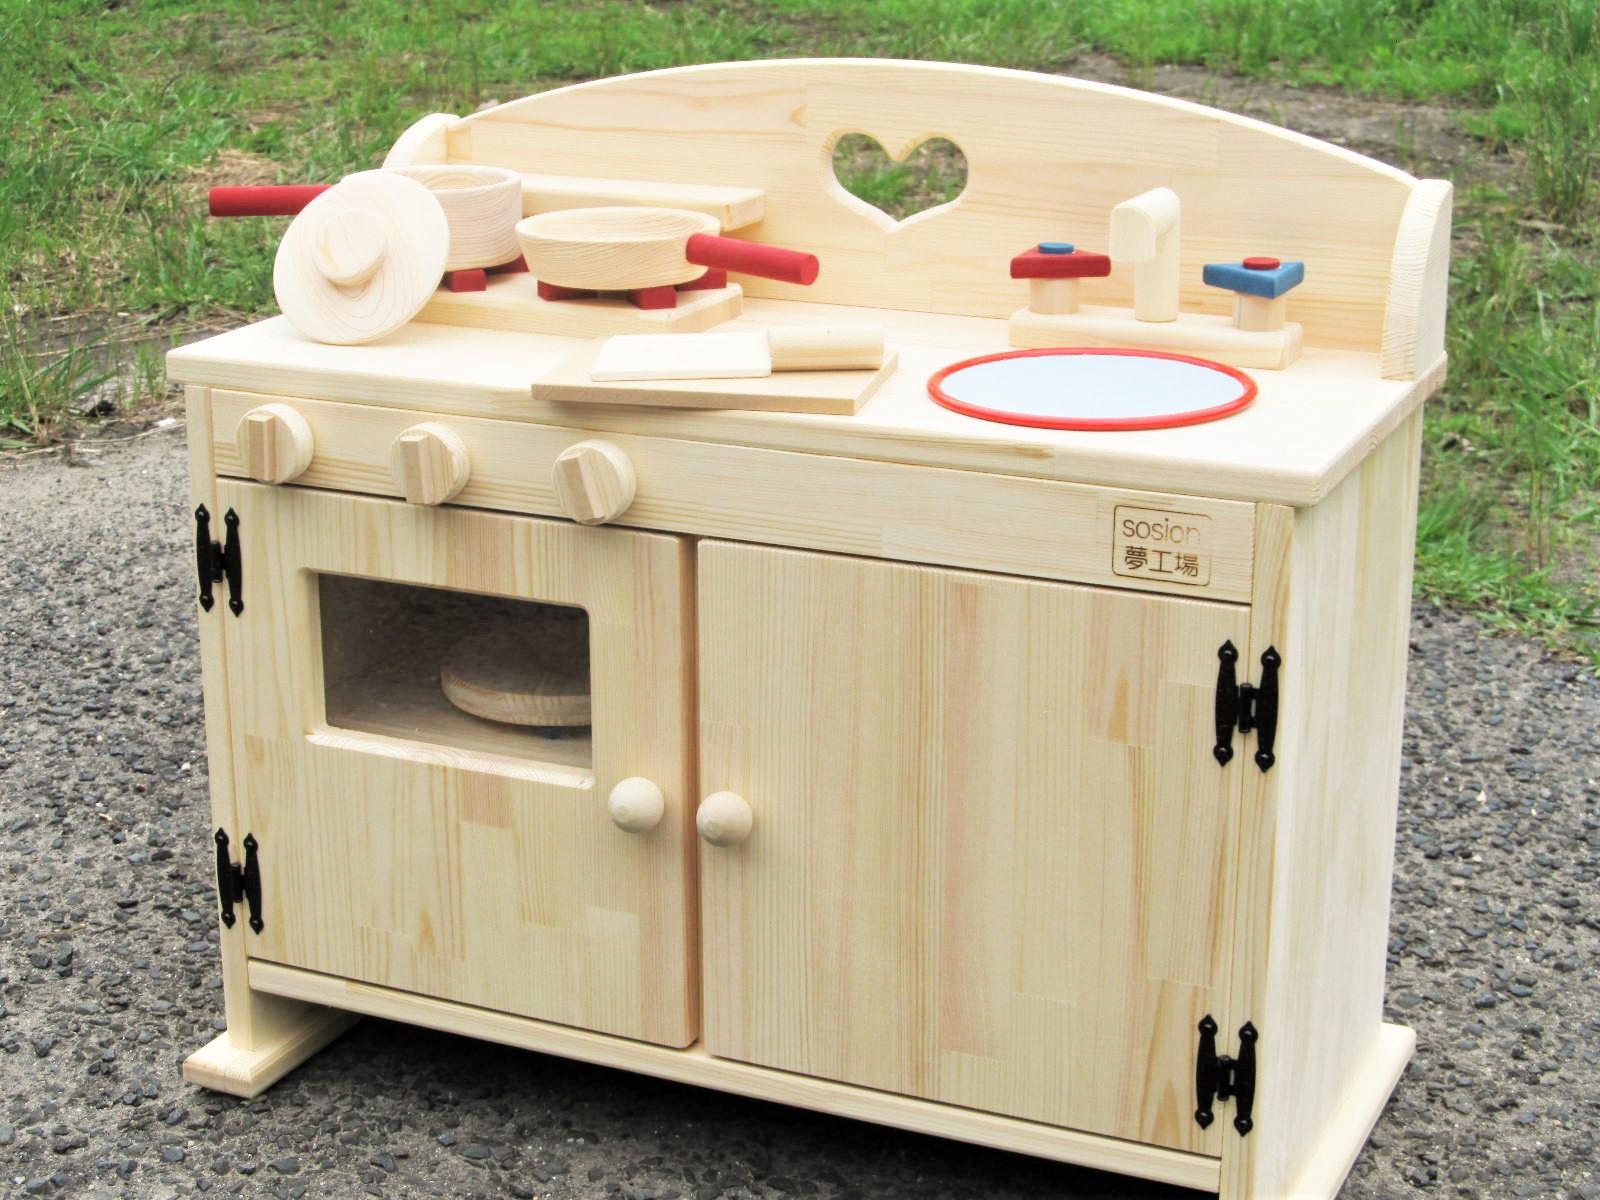 手作り 木製ままごとフルキッチン DHX 「吉野の桧製フライパンとお鍋つき!」(完成品です!)女の子 テ-ブルキッチン 木製 子供 木のおもちゃ 出産祝い ごっこ遊び クリスマス バースデ- ままごとキッチン 手作り 吉野桧(ホーローの縁の色は赤になります)